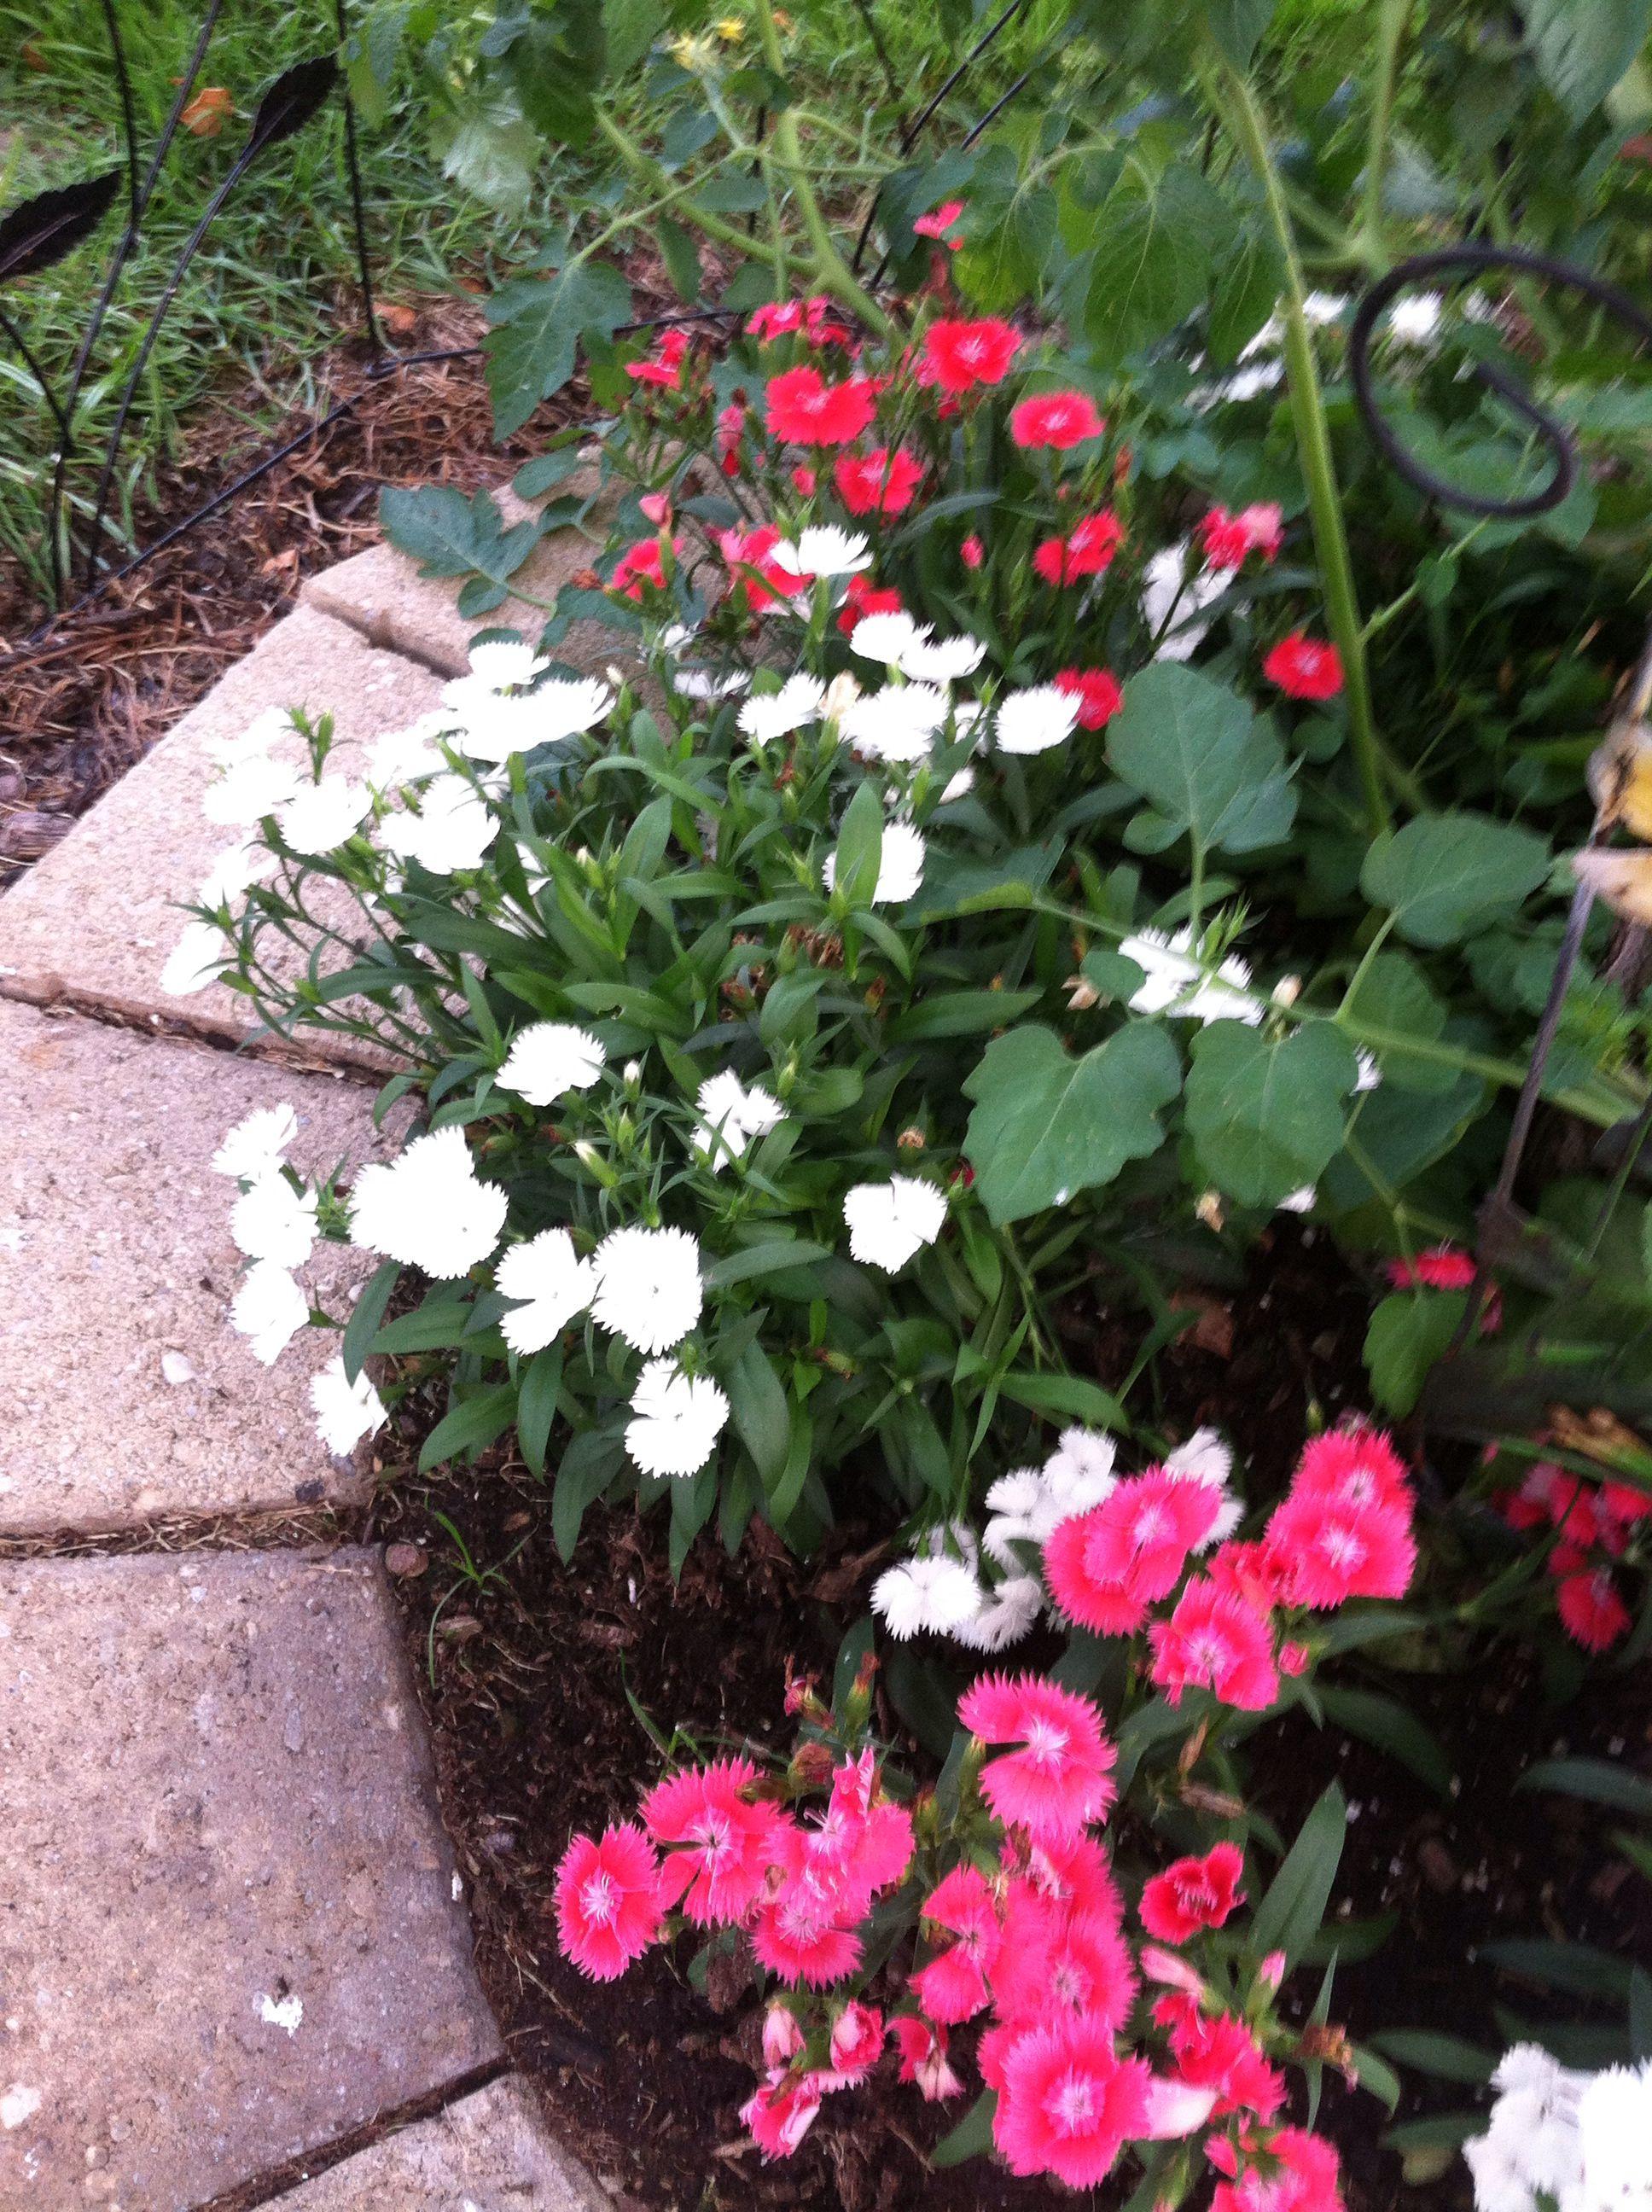 Dianthus under redbud